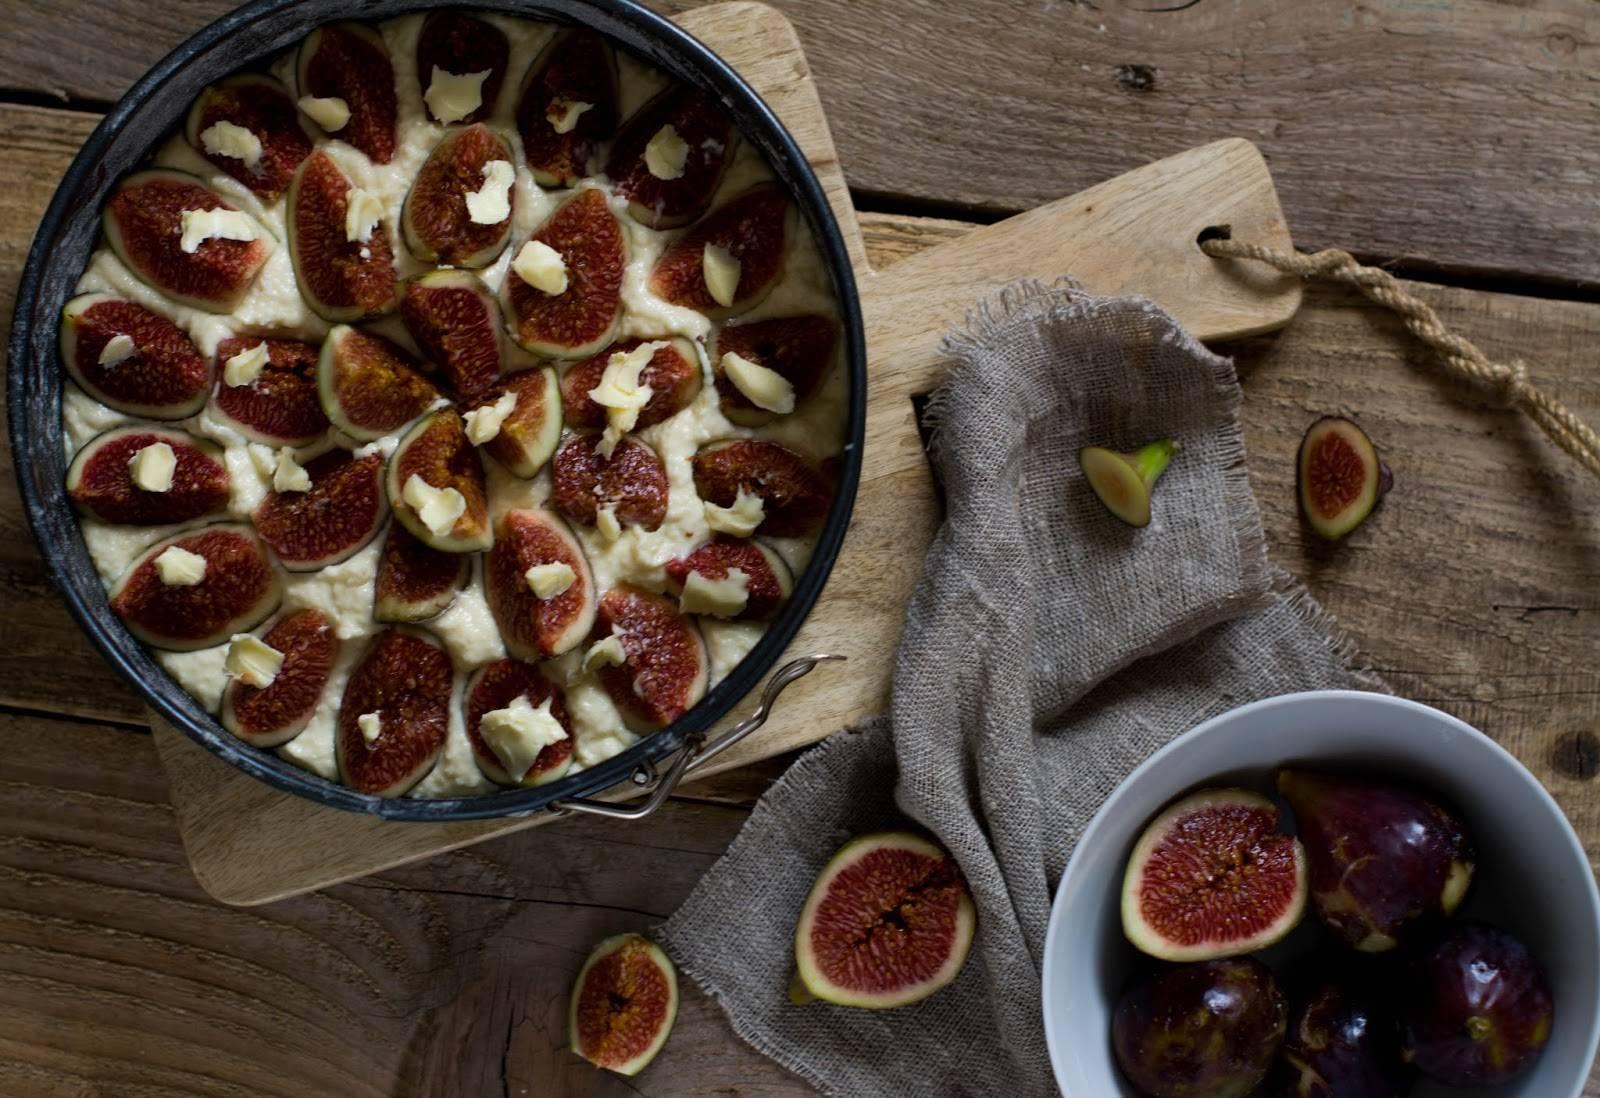 Инжир в оливковом масле польза и вред. смешай инжир с оливковым маслом, и ты получишь уникальное средство для оздоровления! | здоровое питание